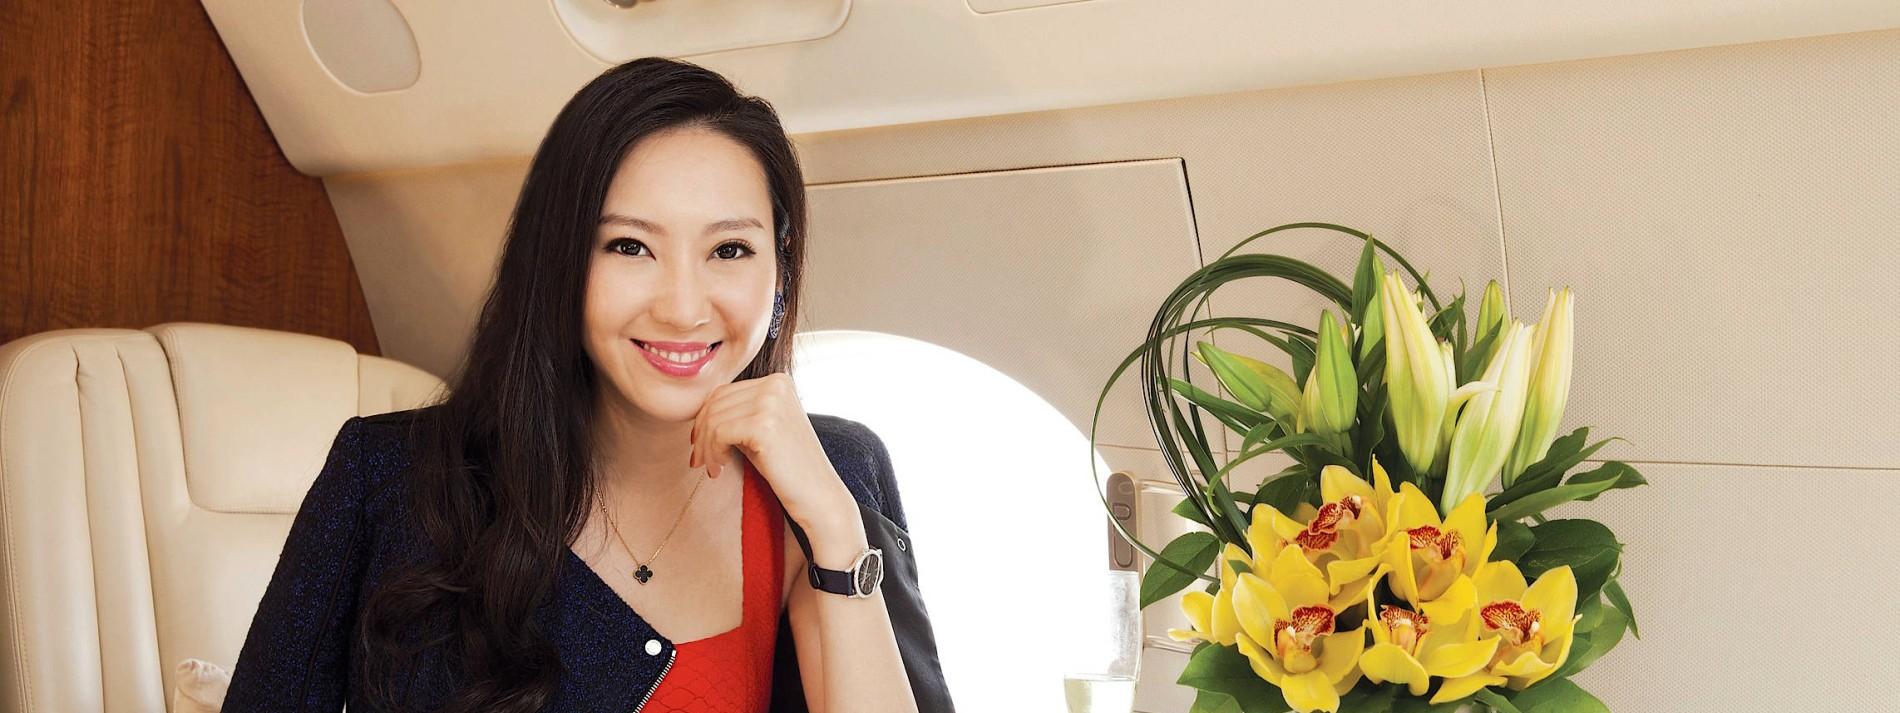 Chinesische Studenten fliehen im Privatjet aus dem Ausland